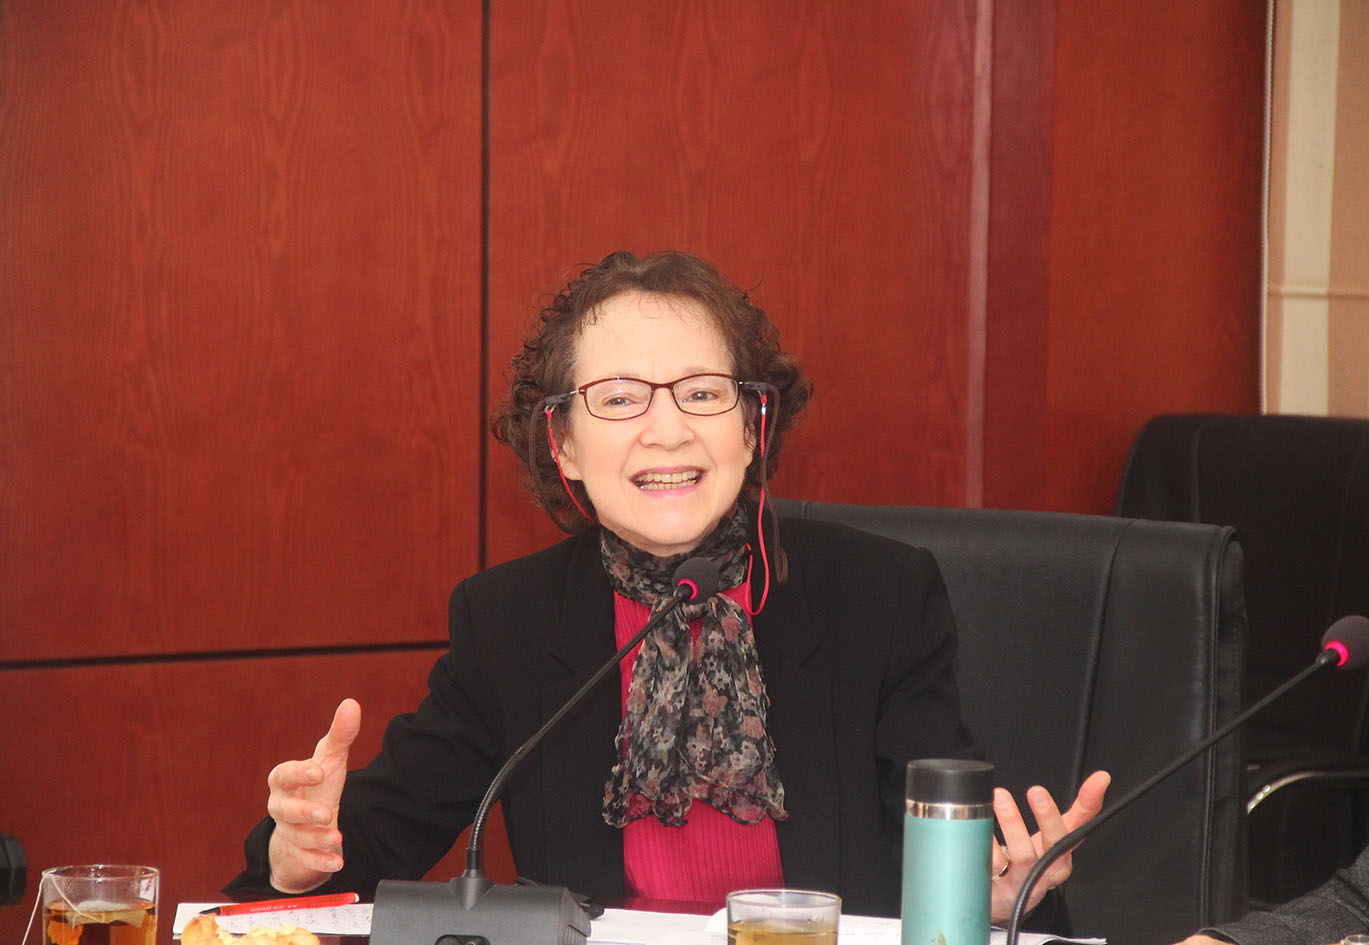 """Giáo sư Susan Bayly thuyết trình về """"Nhân học và nhân học văn hóa trong nghiên cứu và giảng dạy hiện nay"""""""